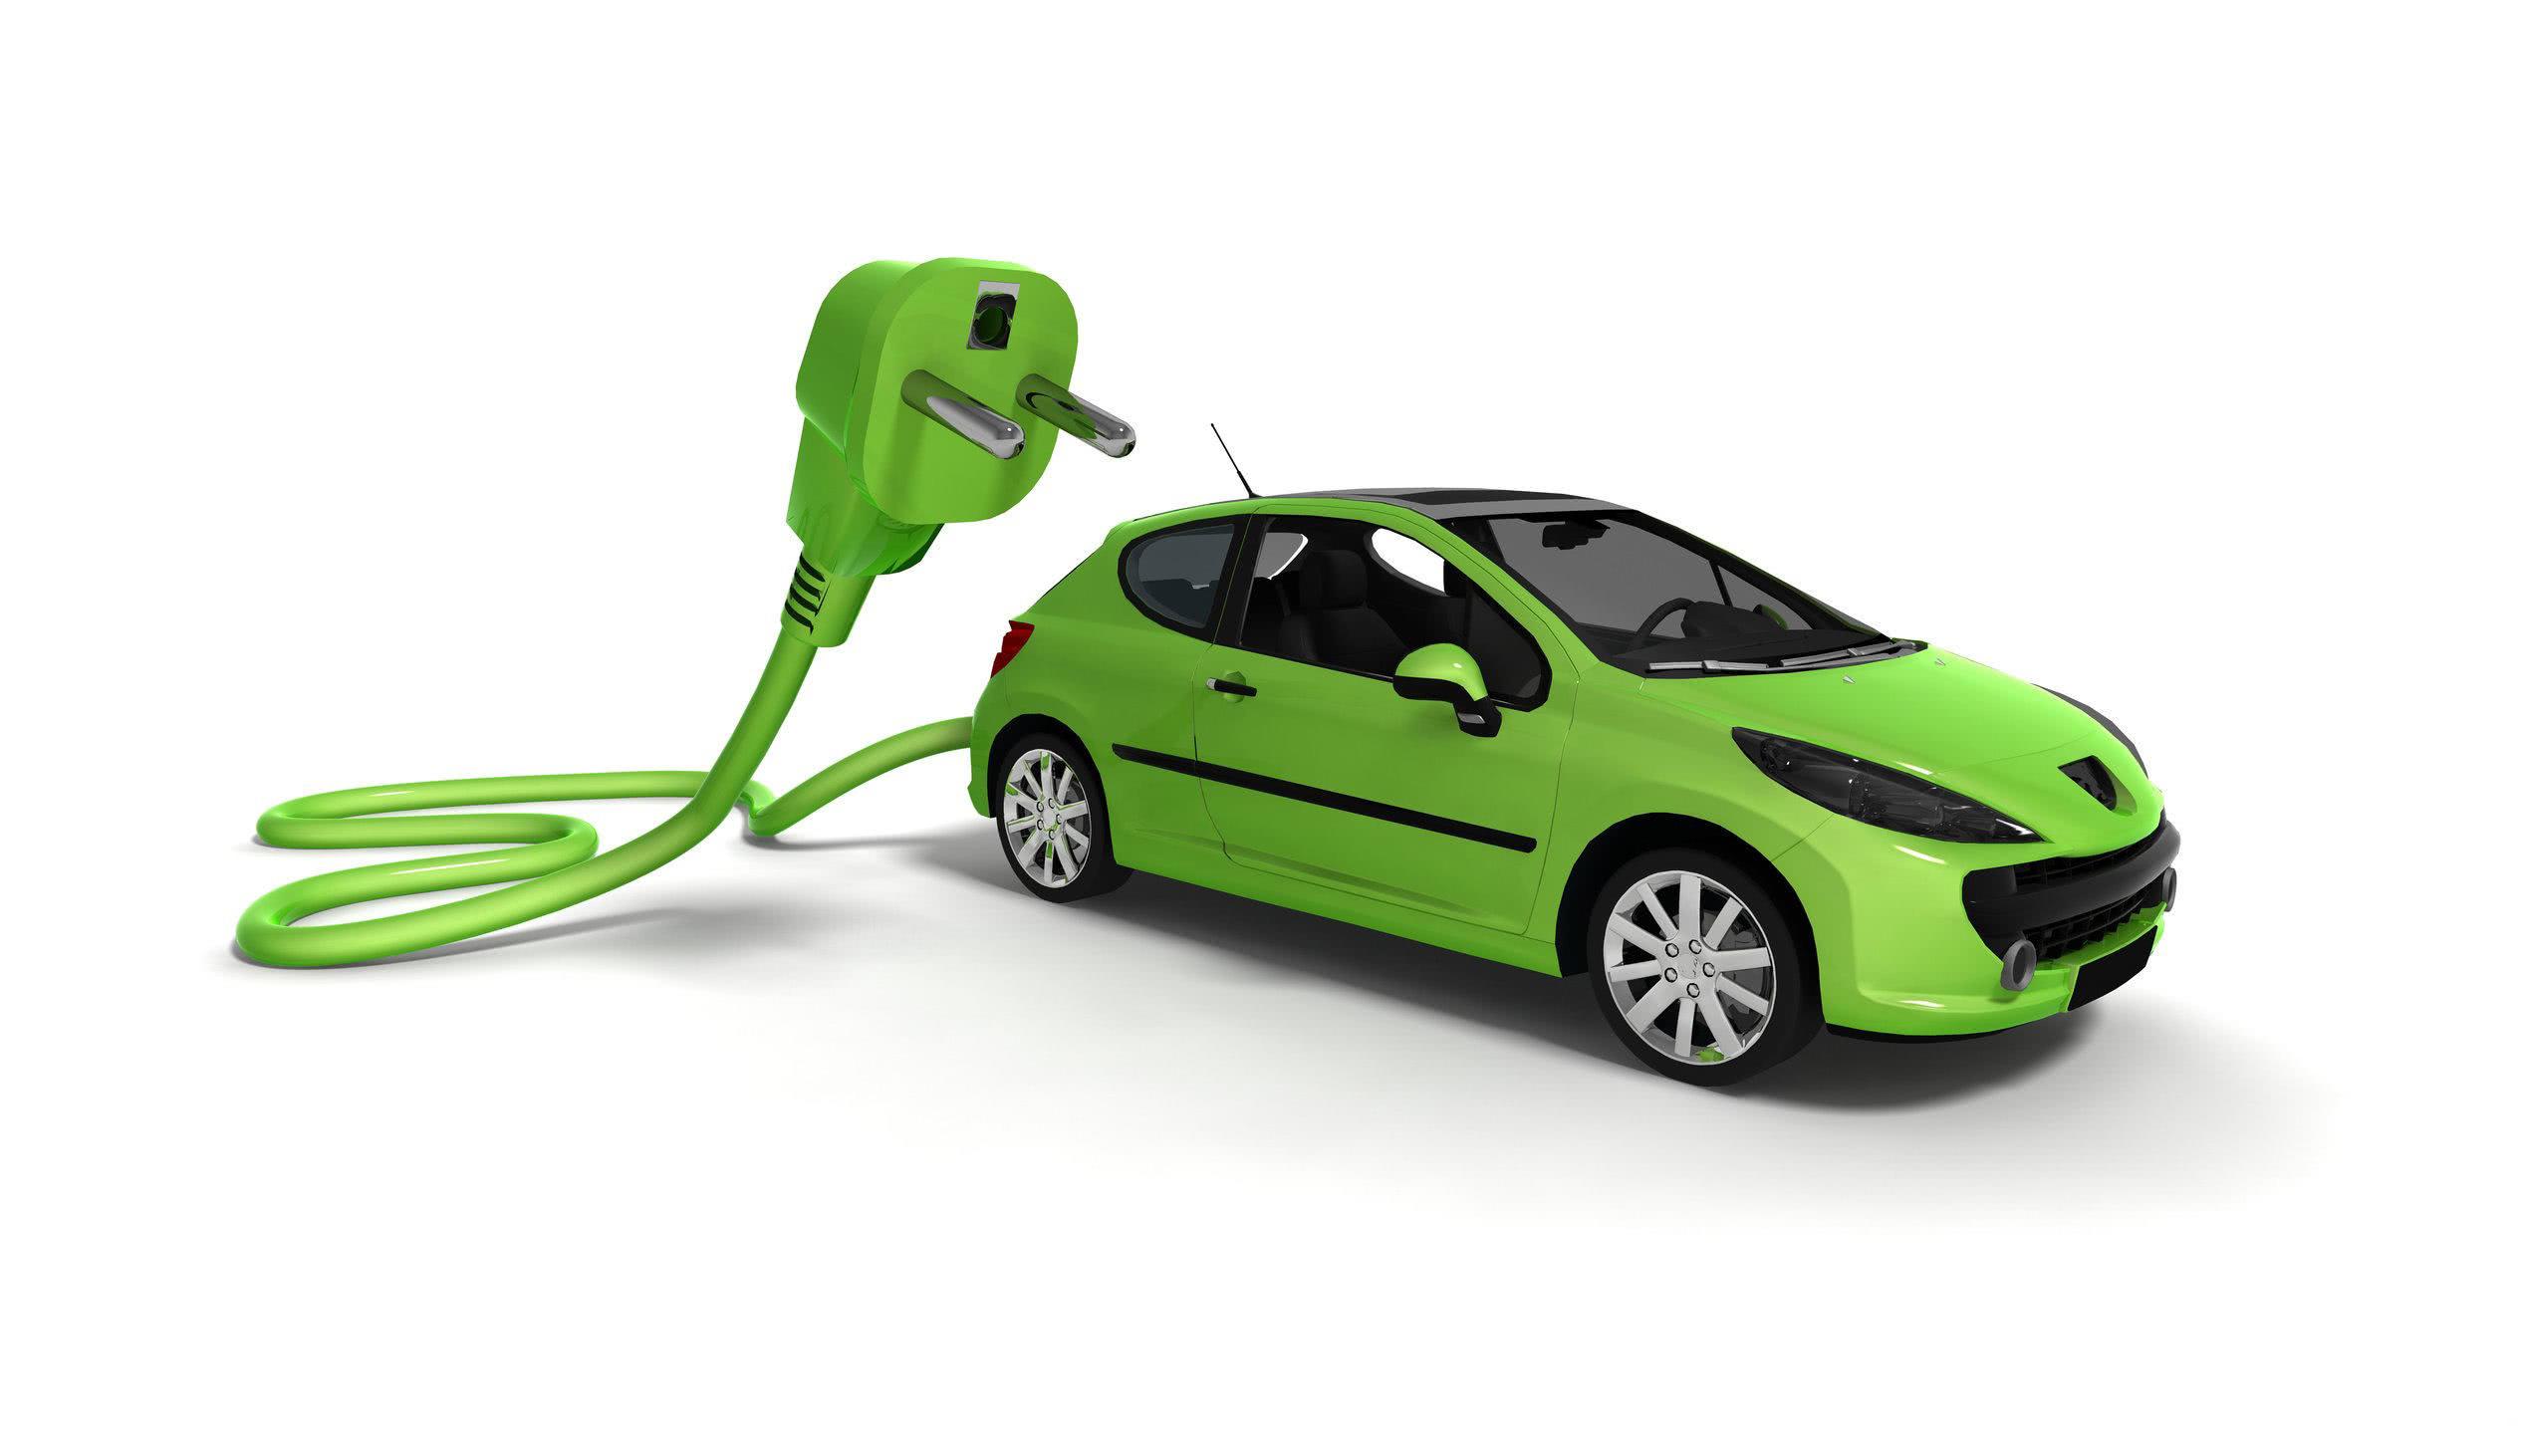 面临外资汽车企业与特斯拉的挑战,国产新能源汽车压力大增